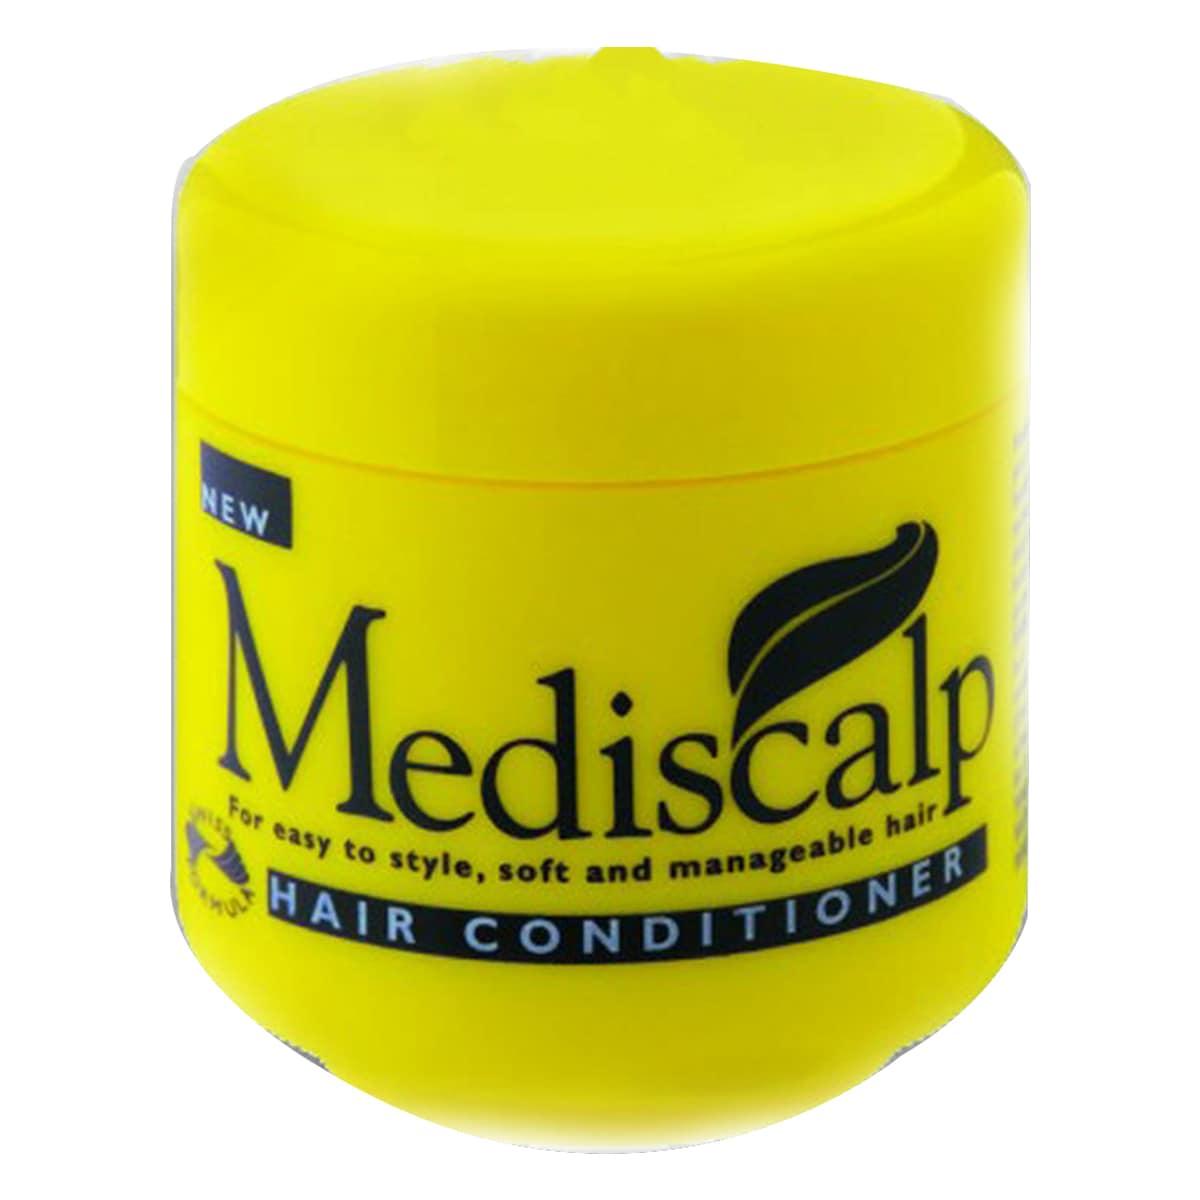 Buy Mediscalp Regular Hair Conditioner - 500 ml